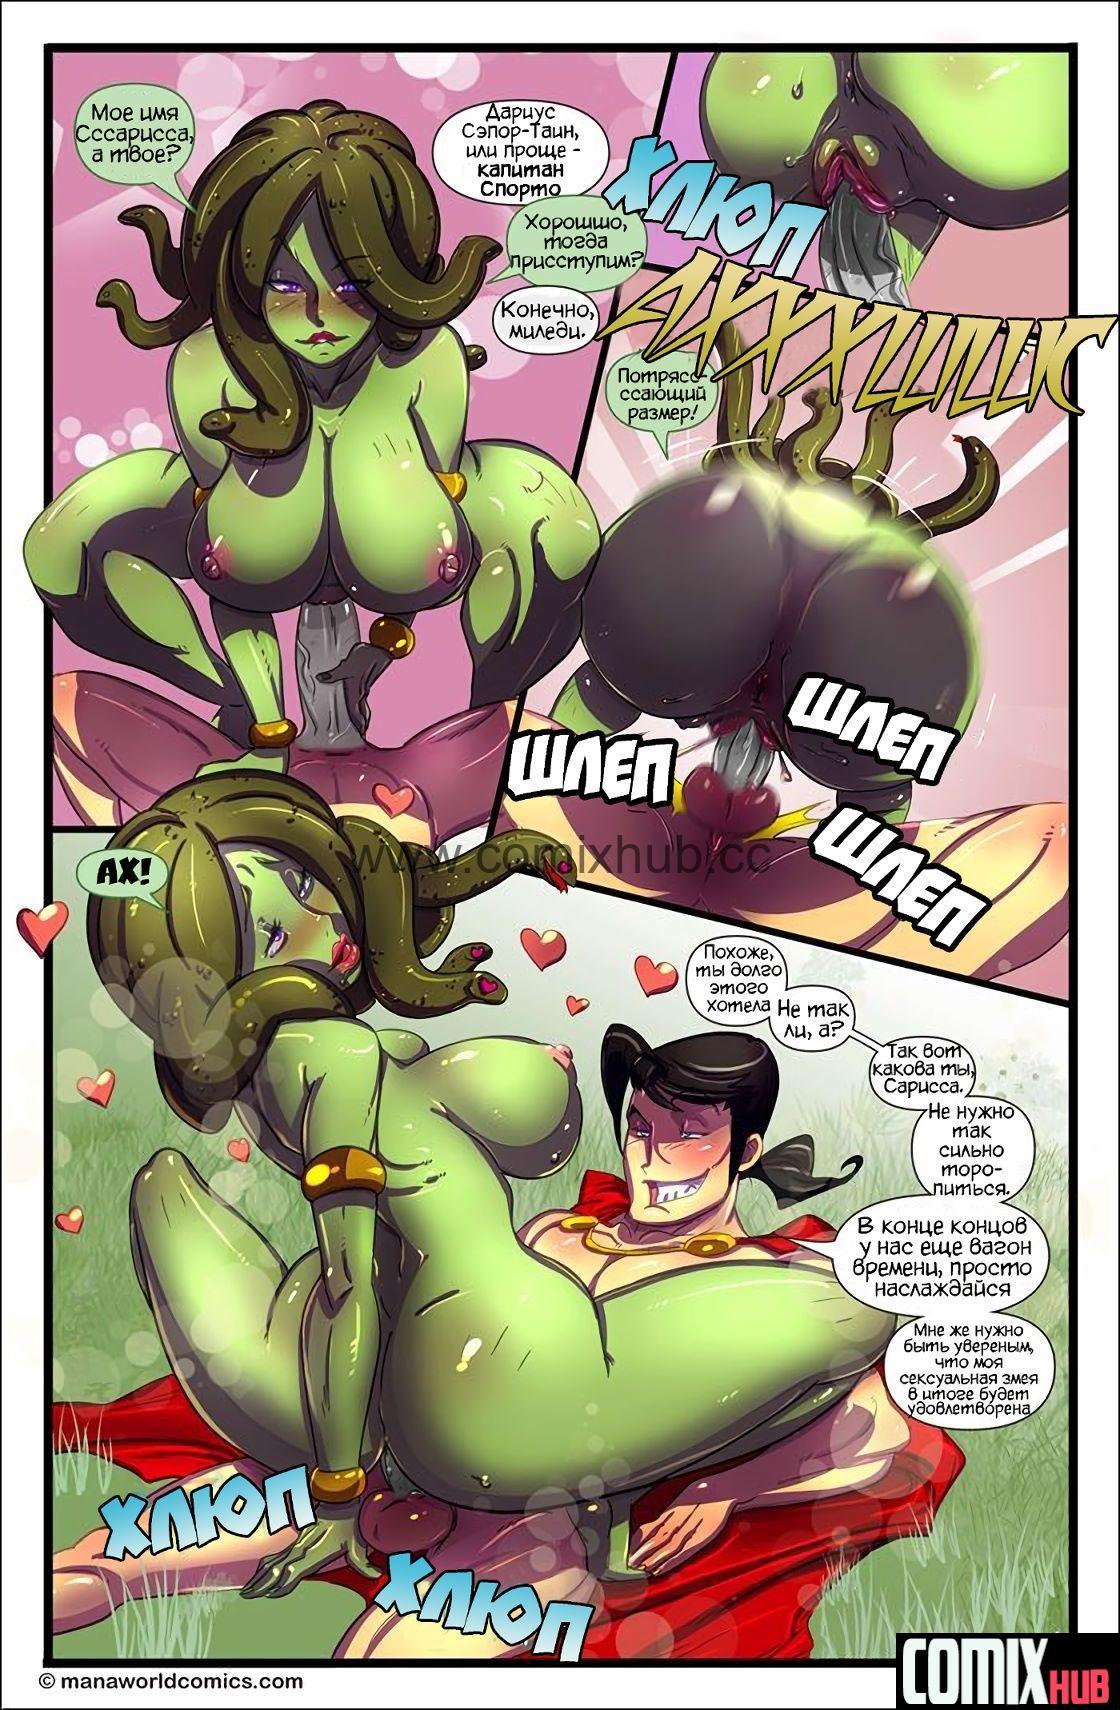 Порно комикс, Твёрдый как камень Порно комиксы, Анал, Большая грудь, Монстры